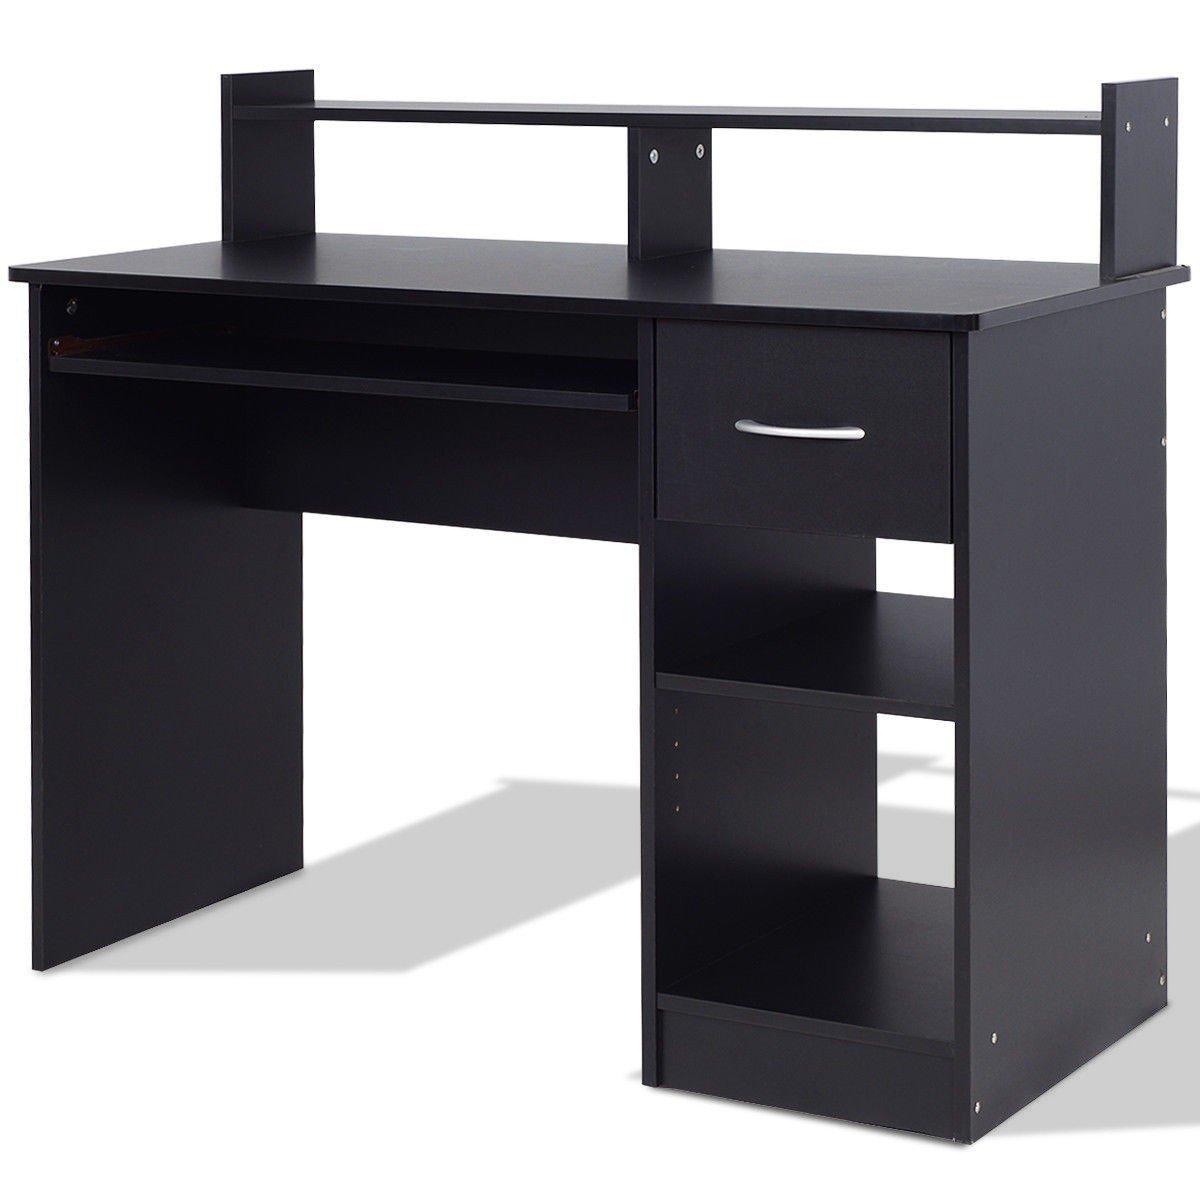 Svitlife Modern Computer Desk Workstation w/Storage Drawer & Shelf Desk Workstation Computer Table Office